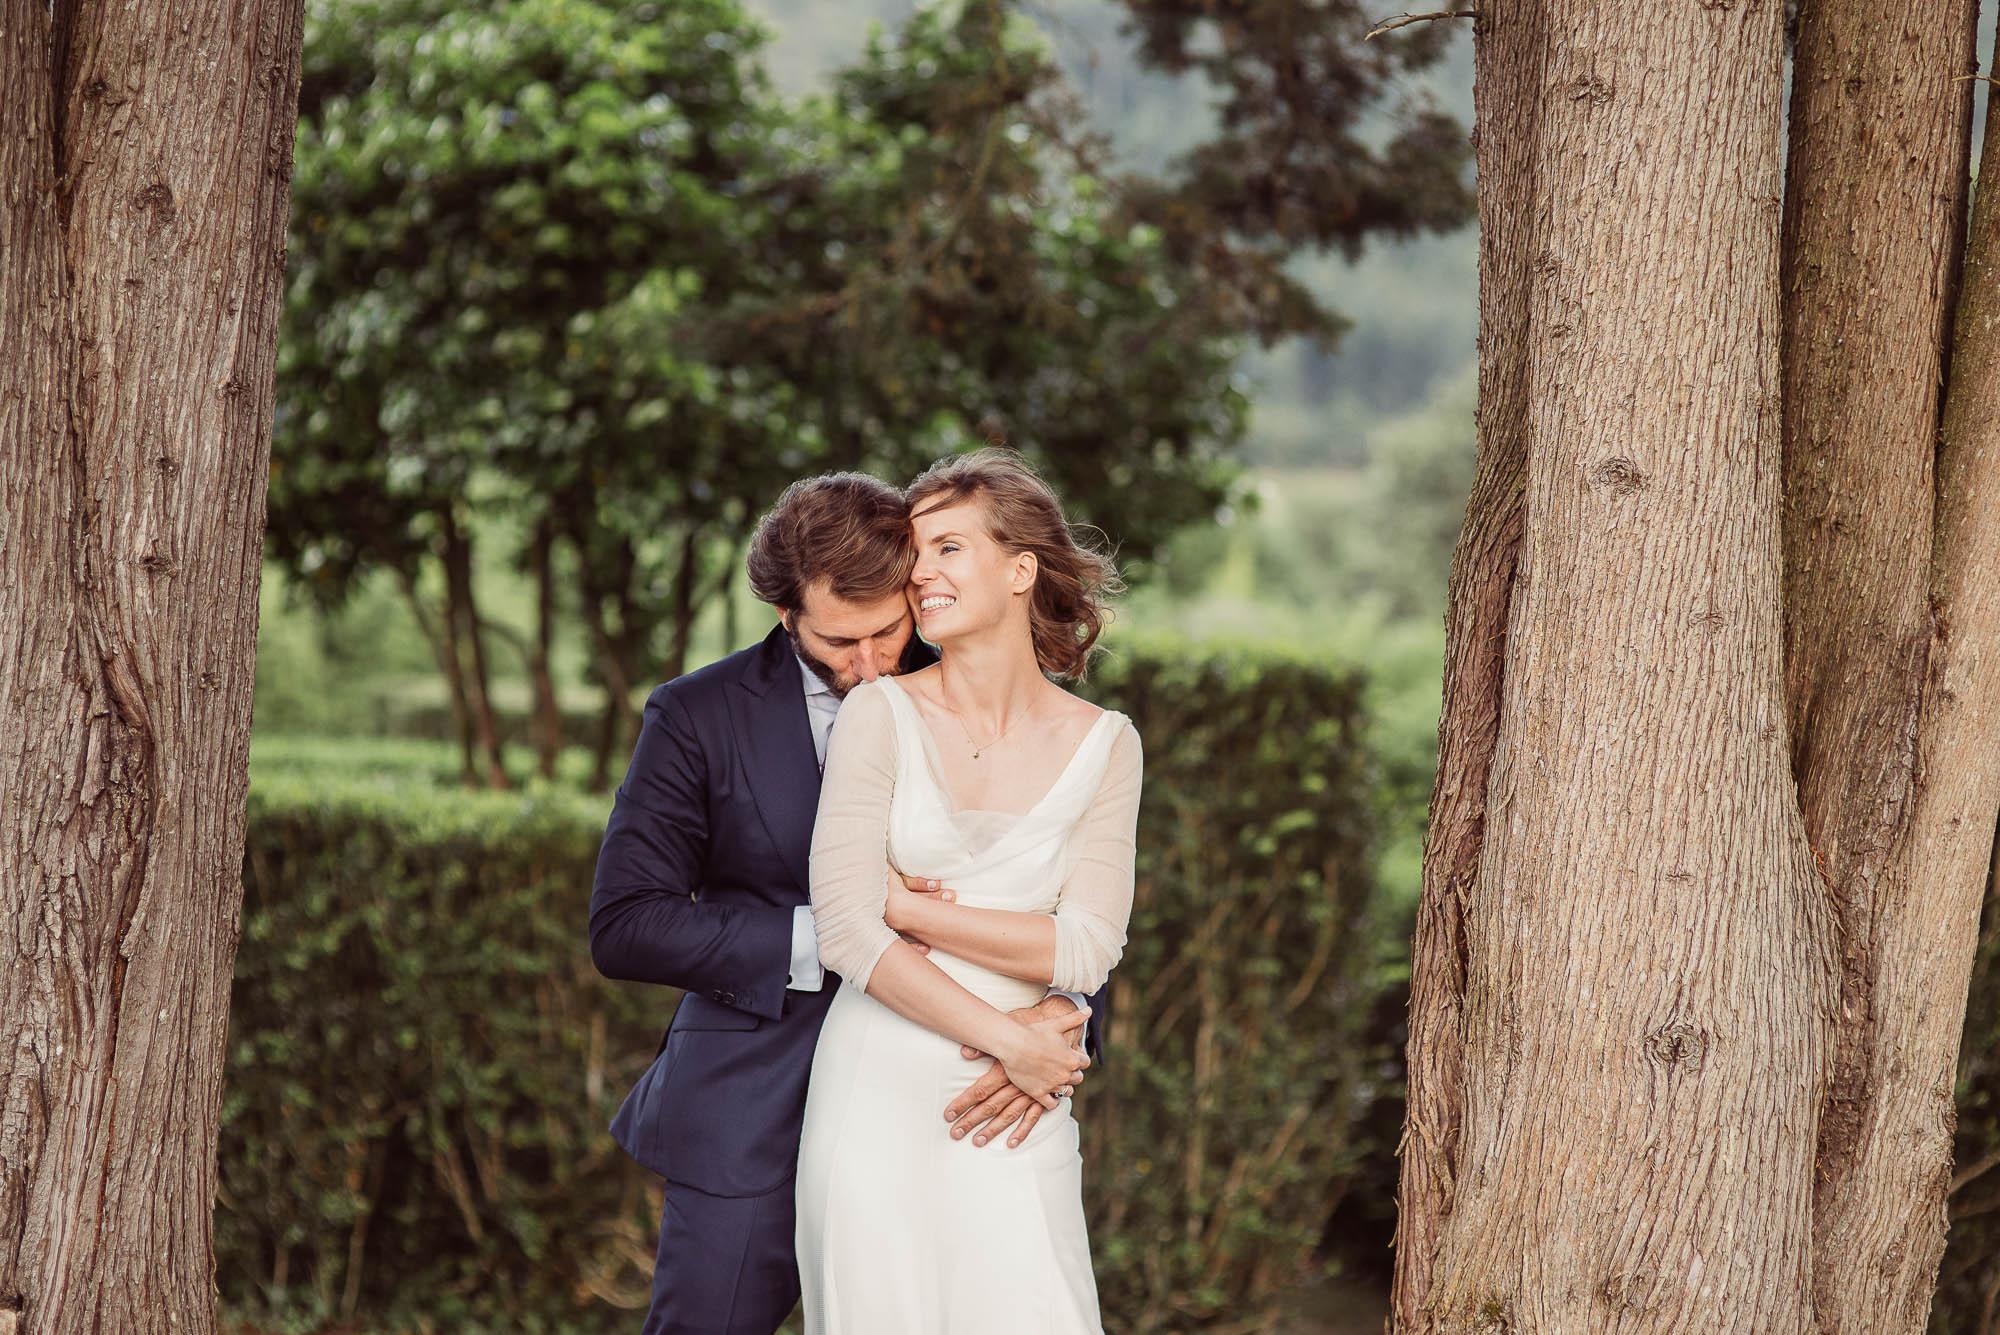 Un novio abrazando a su novia por detrás el día de su boda